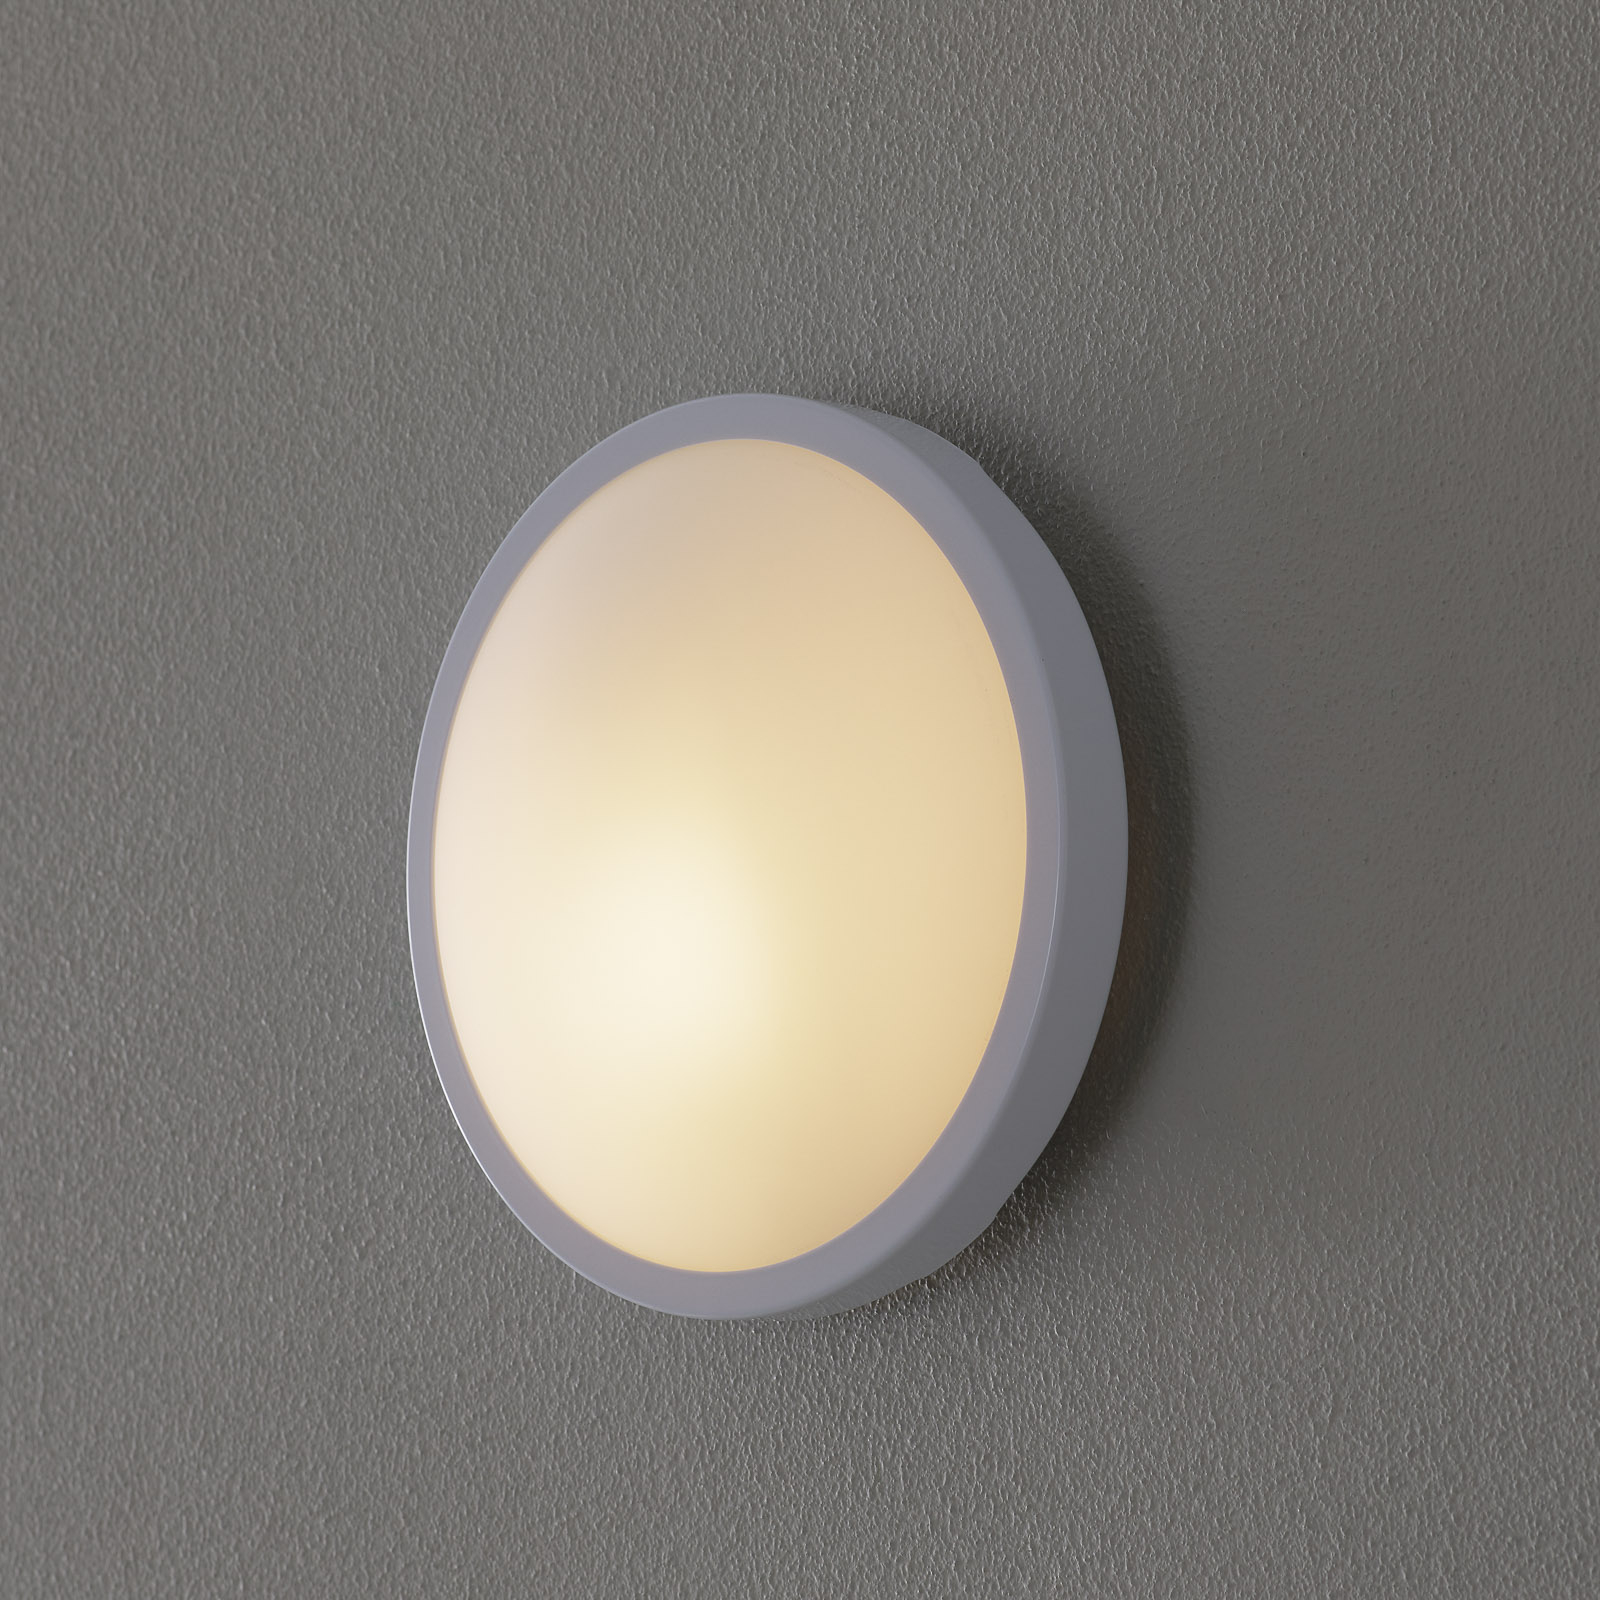 Lámpara de pared o techo PLAZA, 21,5 cm, blanco